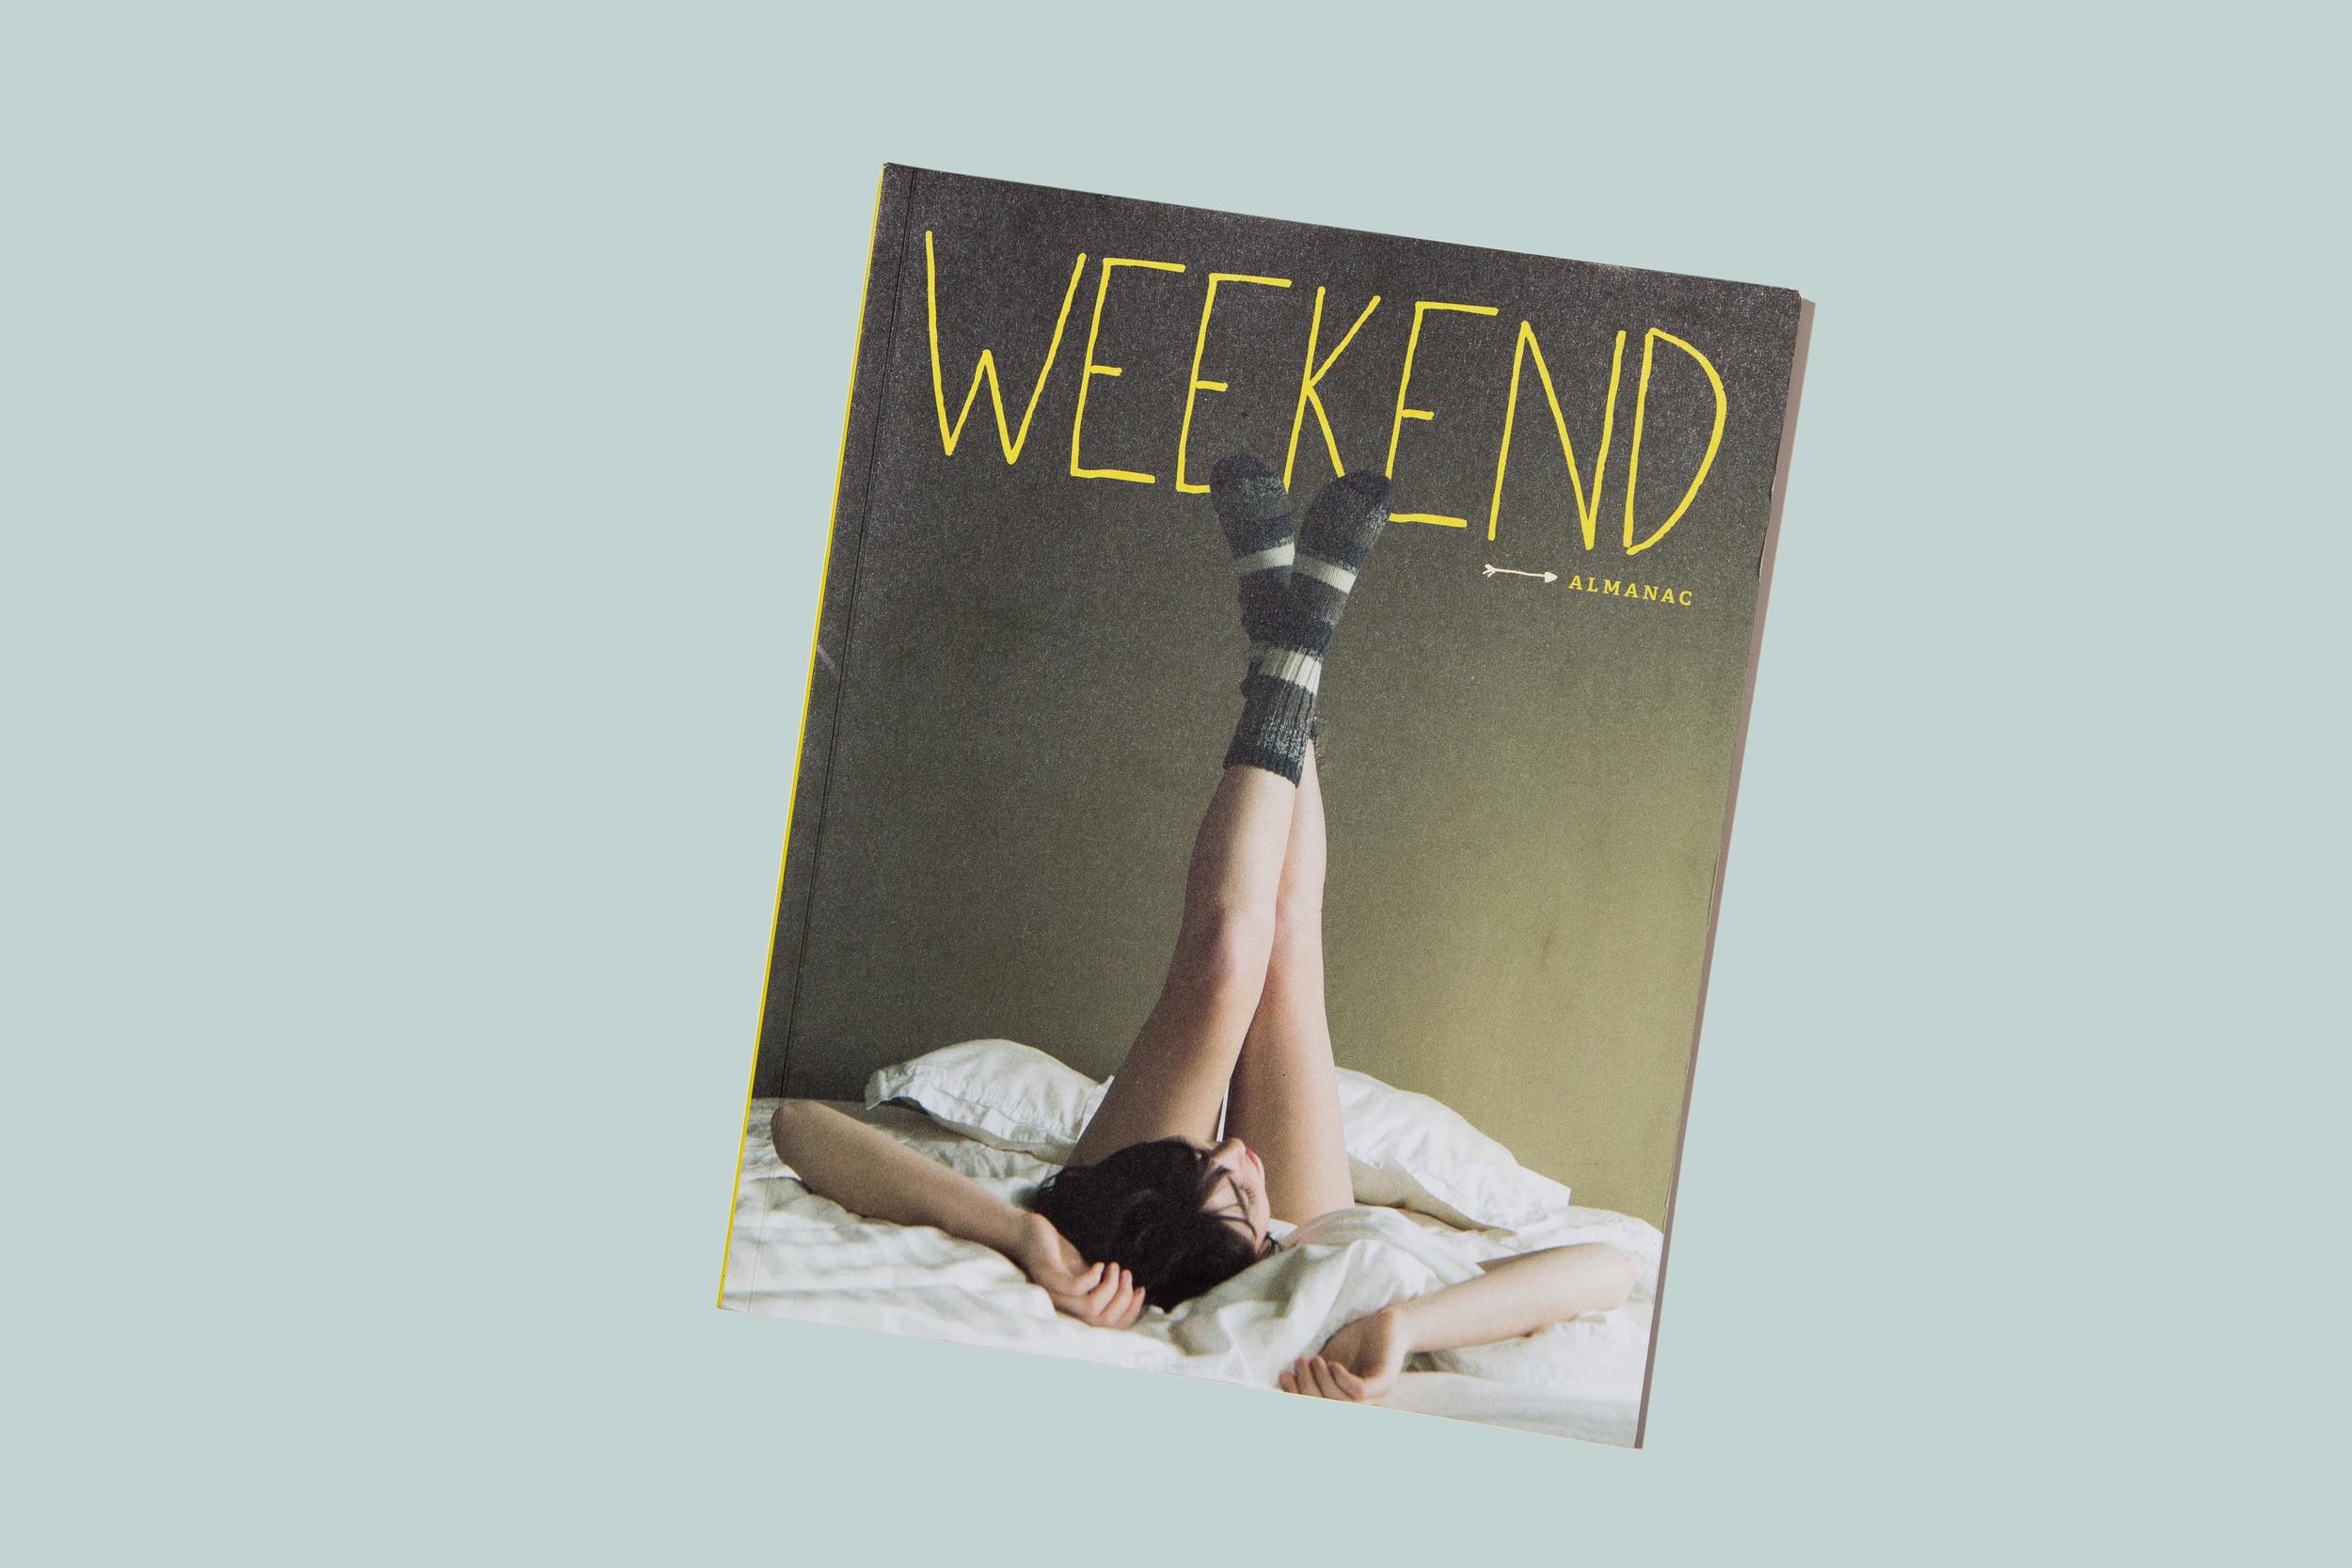 weekend-almanac-01.png